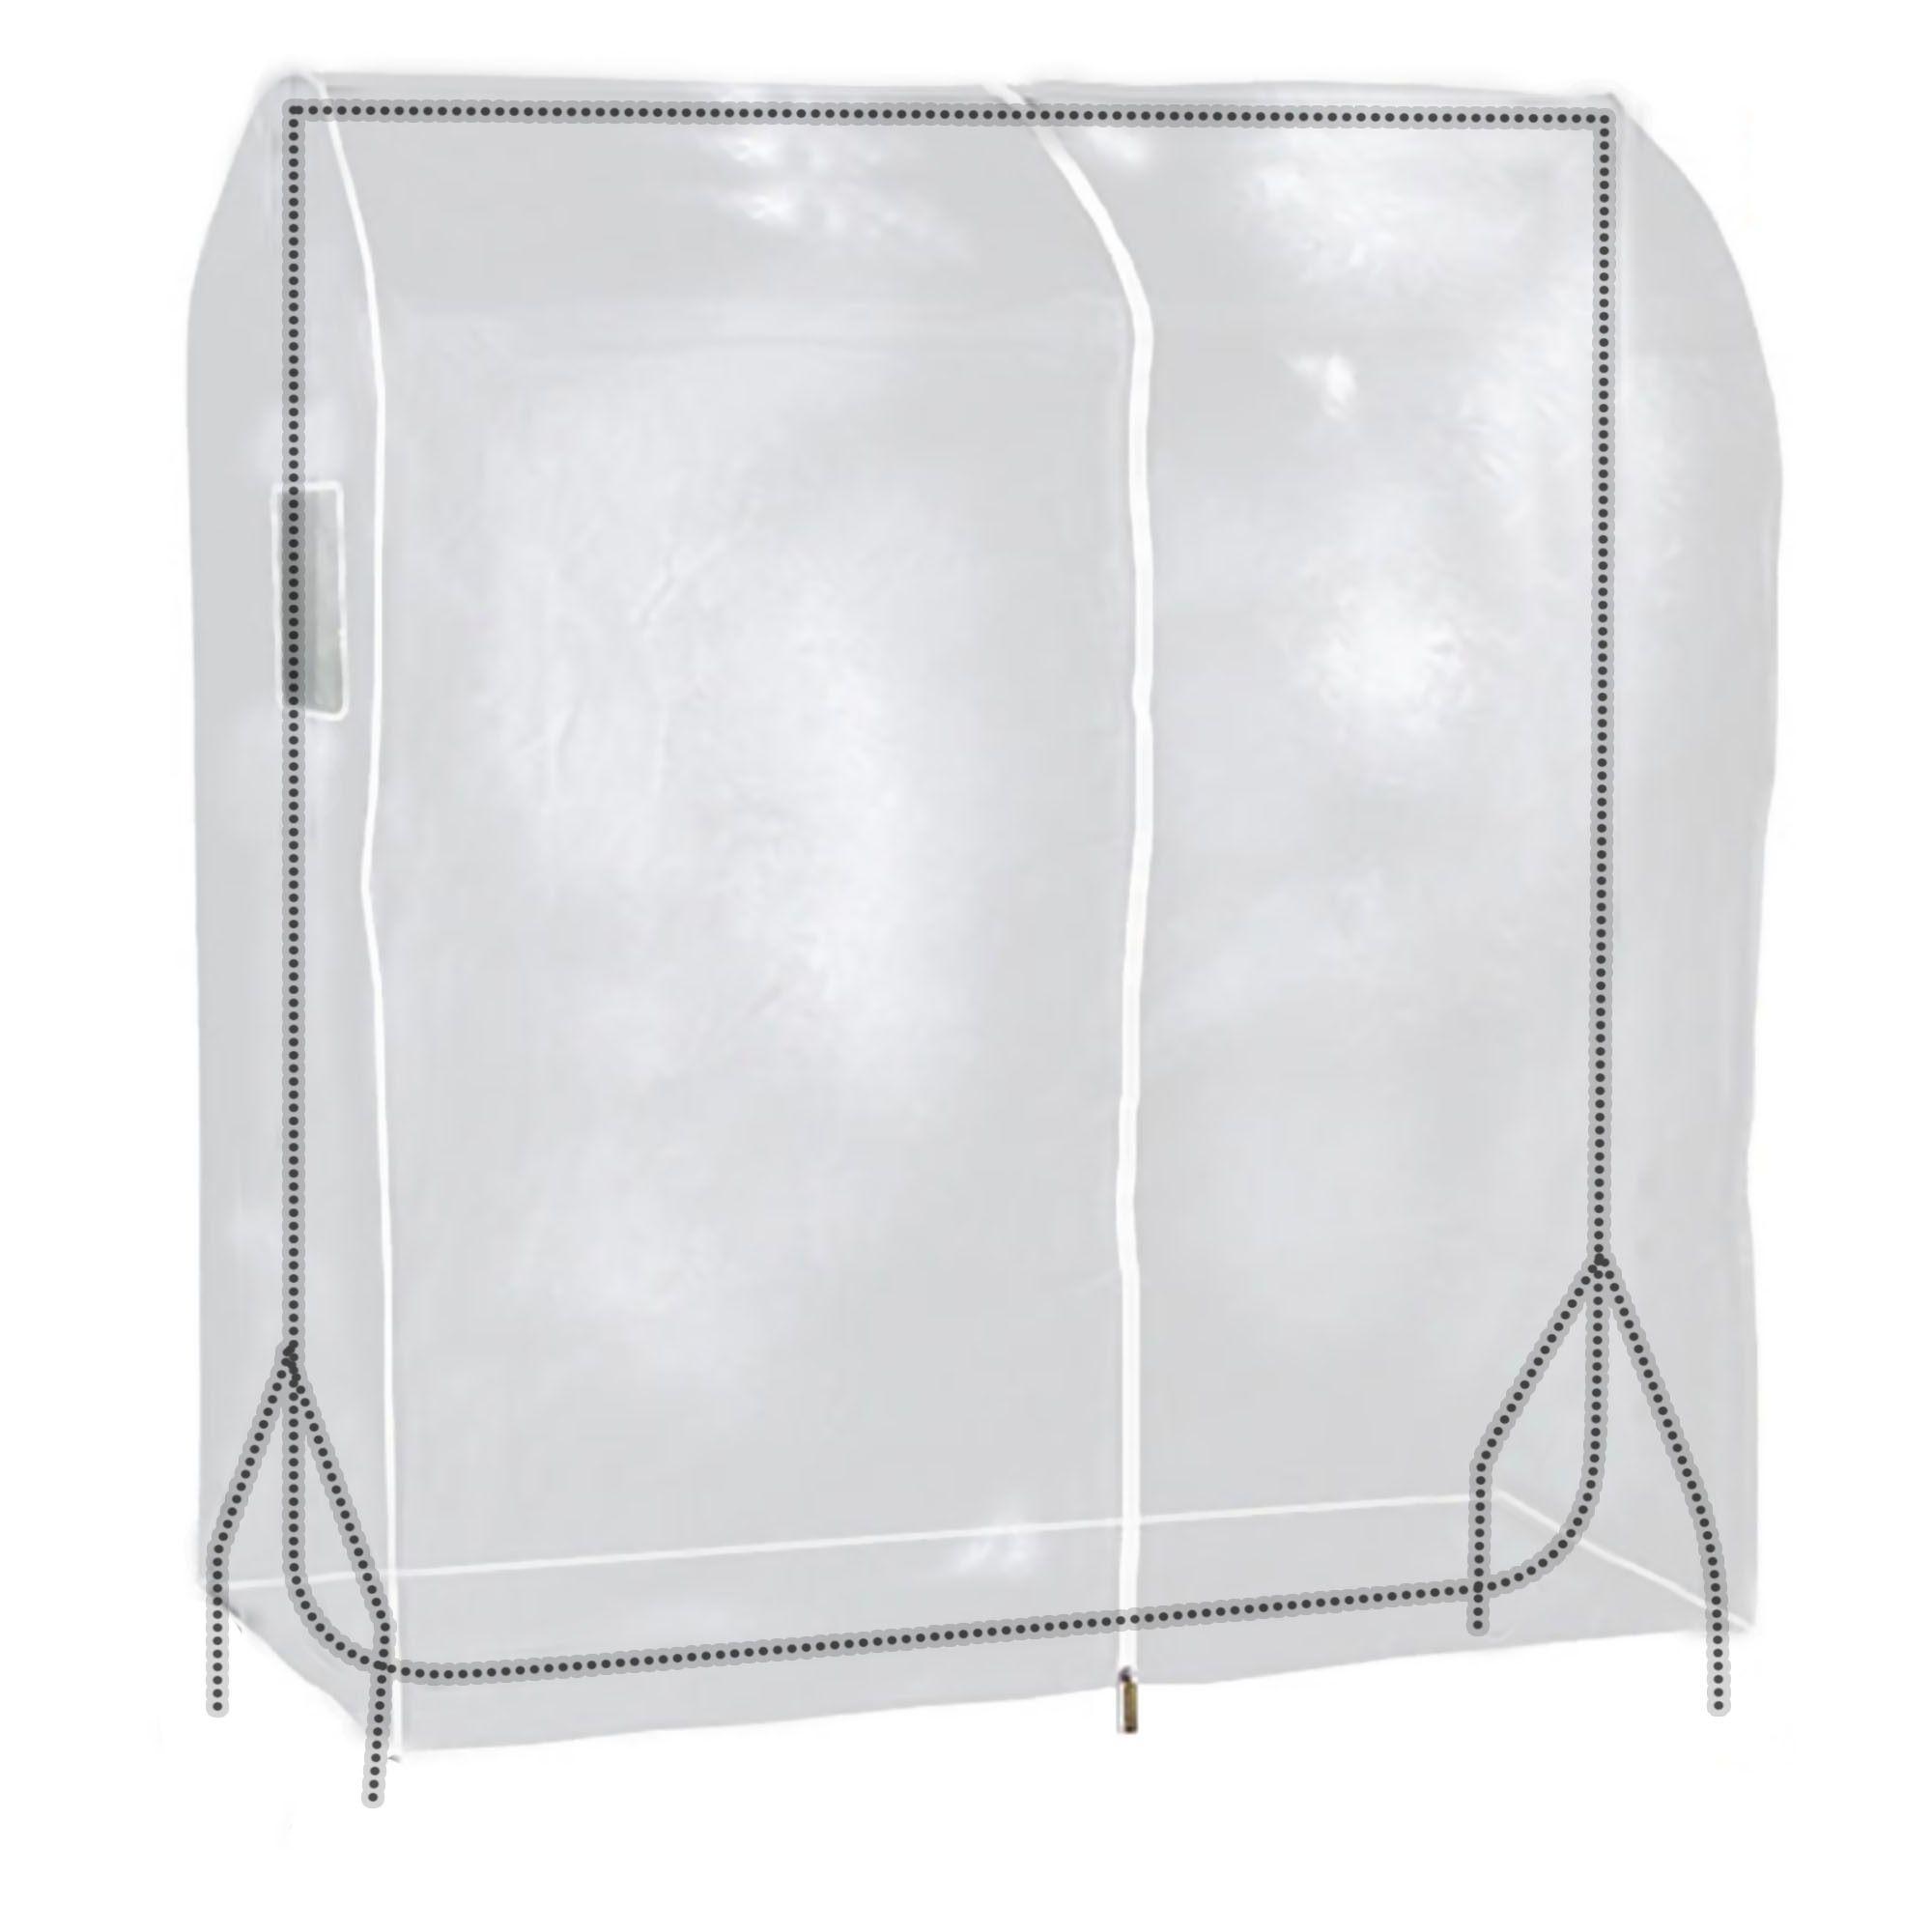 Hangerworld telo stand abiti 120cm x 165cm protezione appendiabiti antipolvere ebay - Carrello porta abiti ikea ...